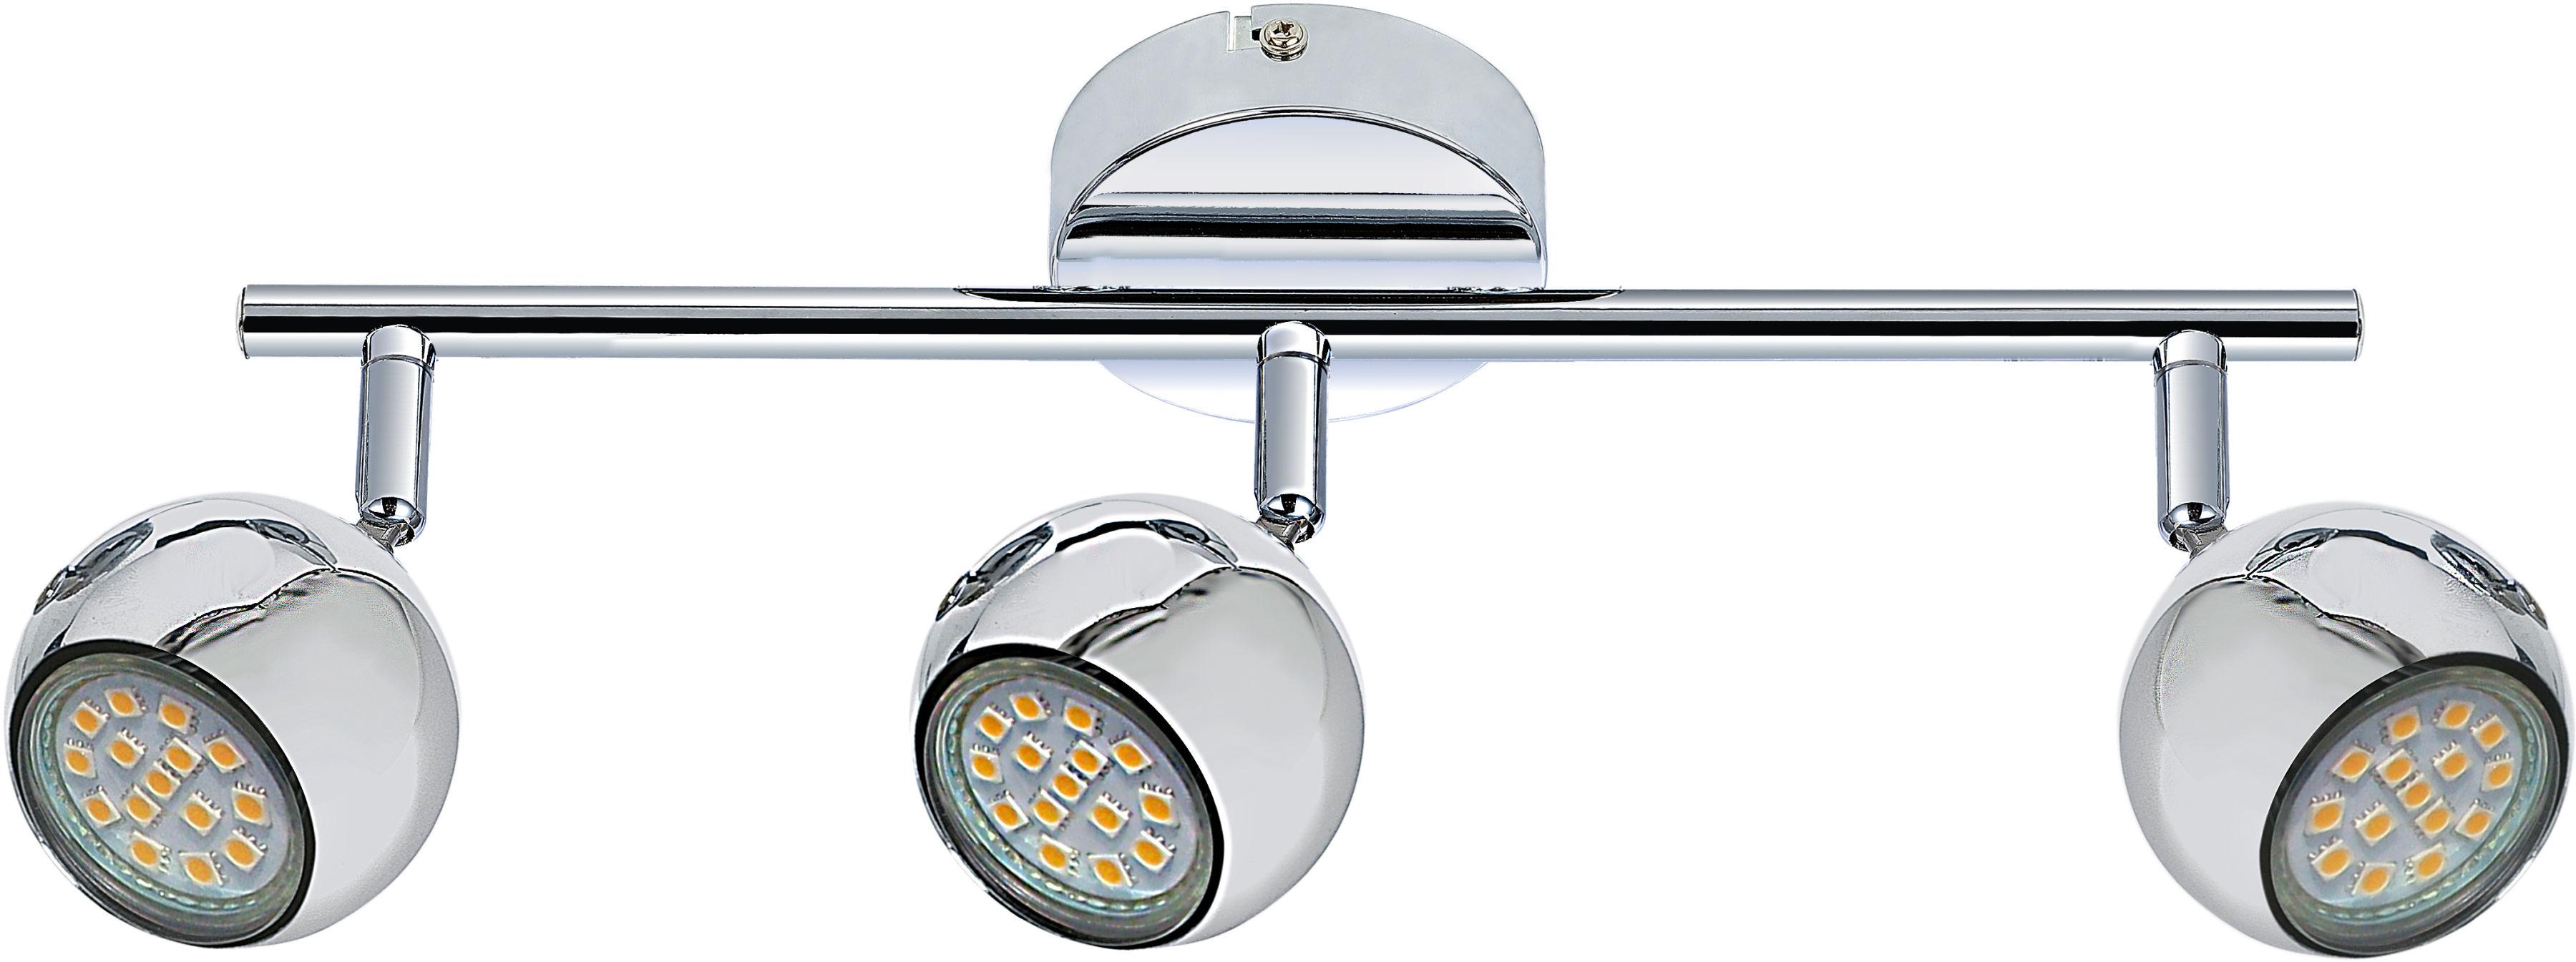 Candellux BALT 93-60587 listwa oświetleniowa chrom regulacja klosza 3x50W GU10 50cm